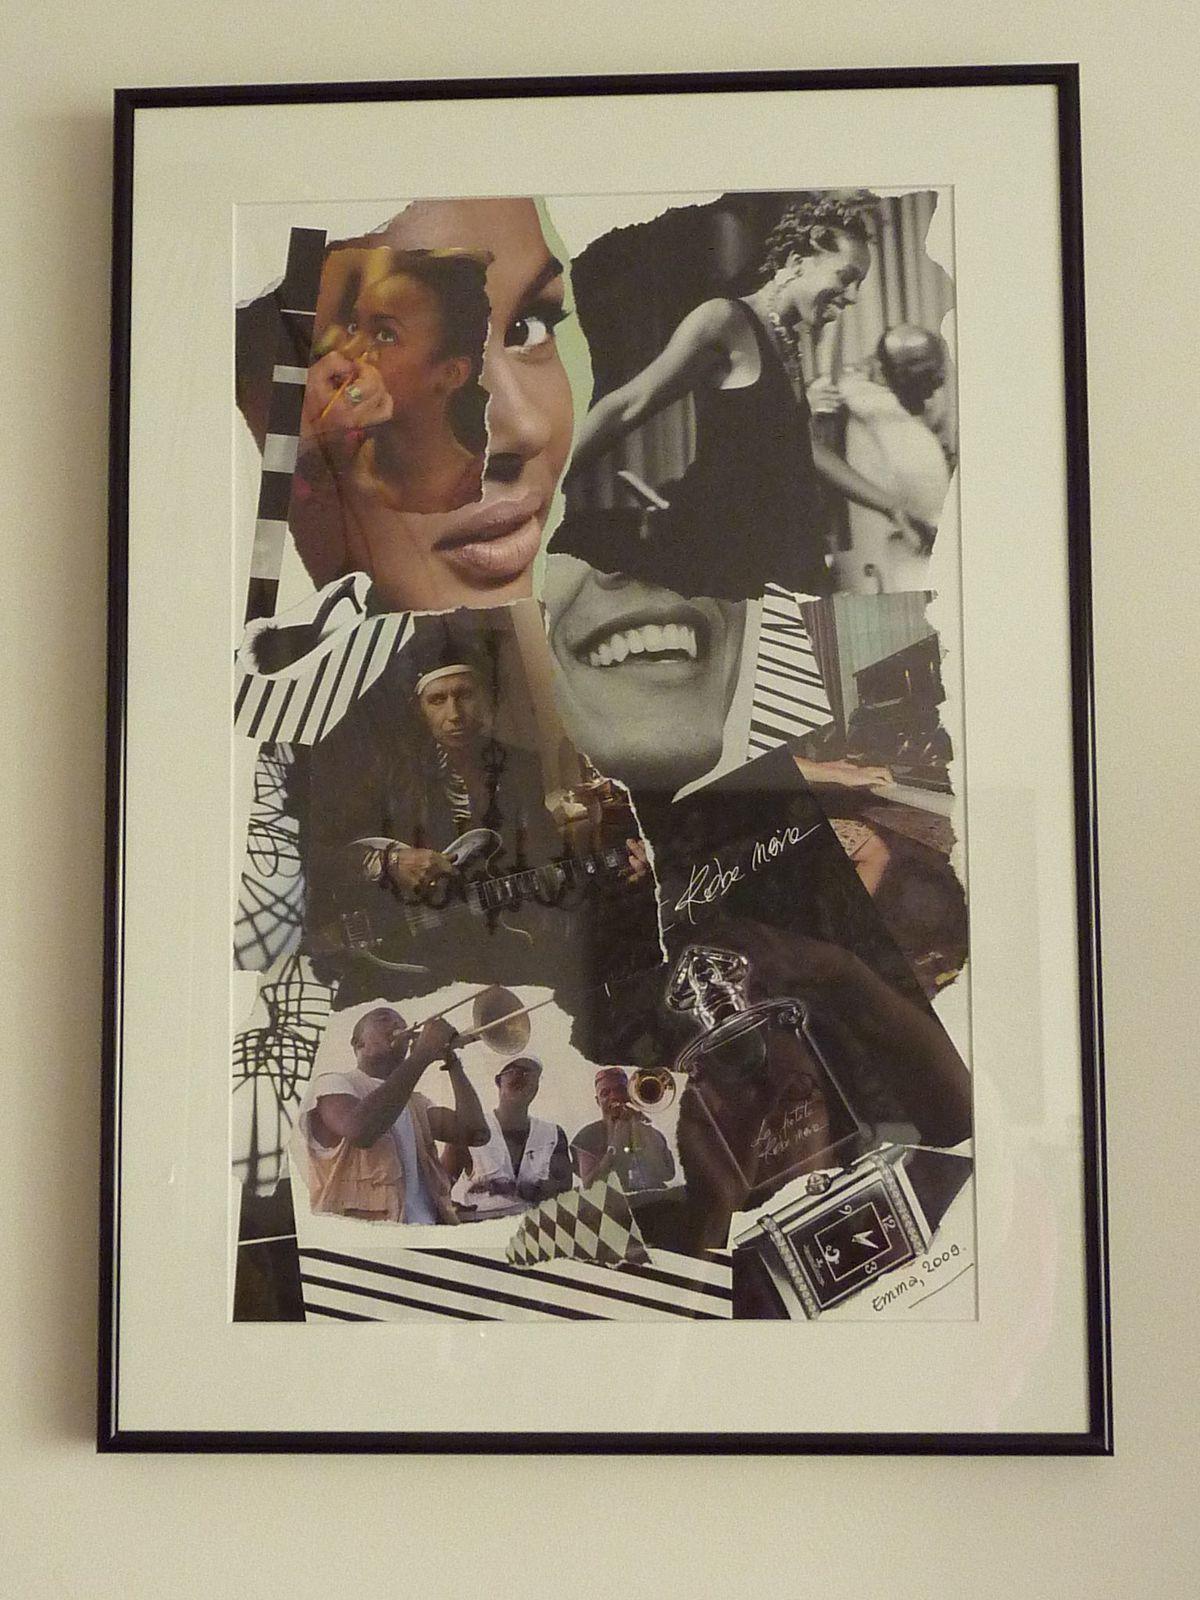 """Les Collages d'eMmA MessanA, collage """"Paint it black"""" encadré, pièce unique © eMmA MessanA"""